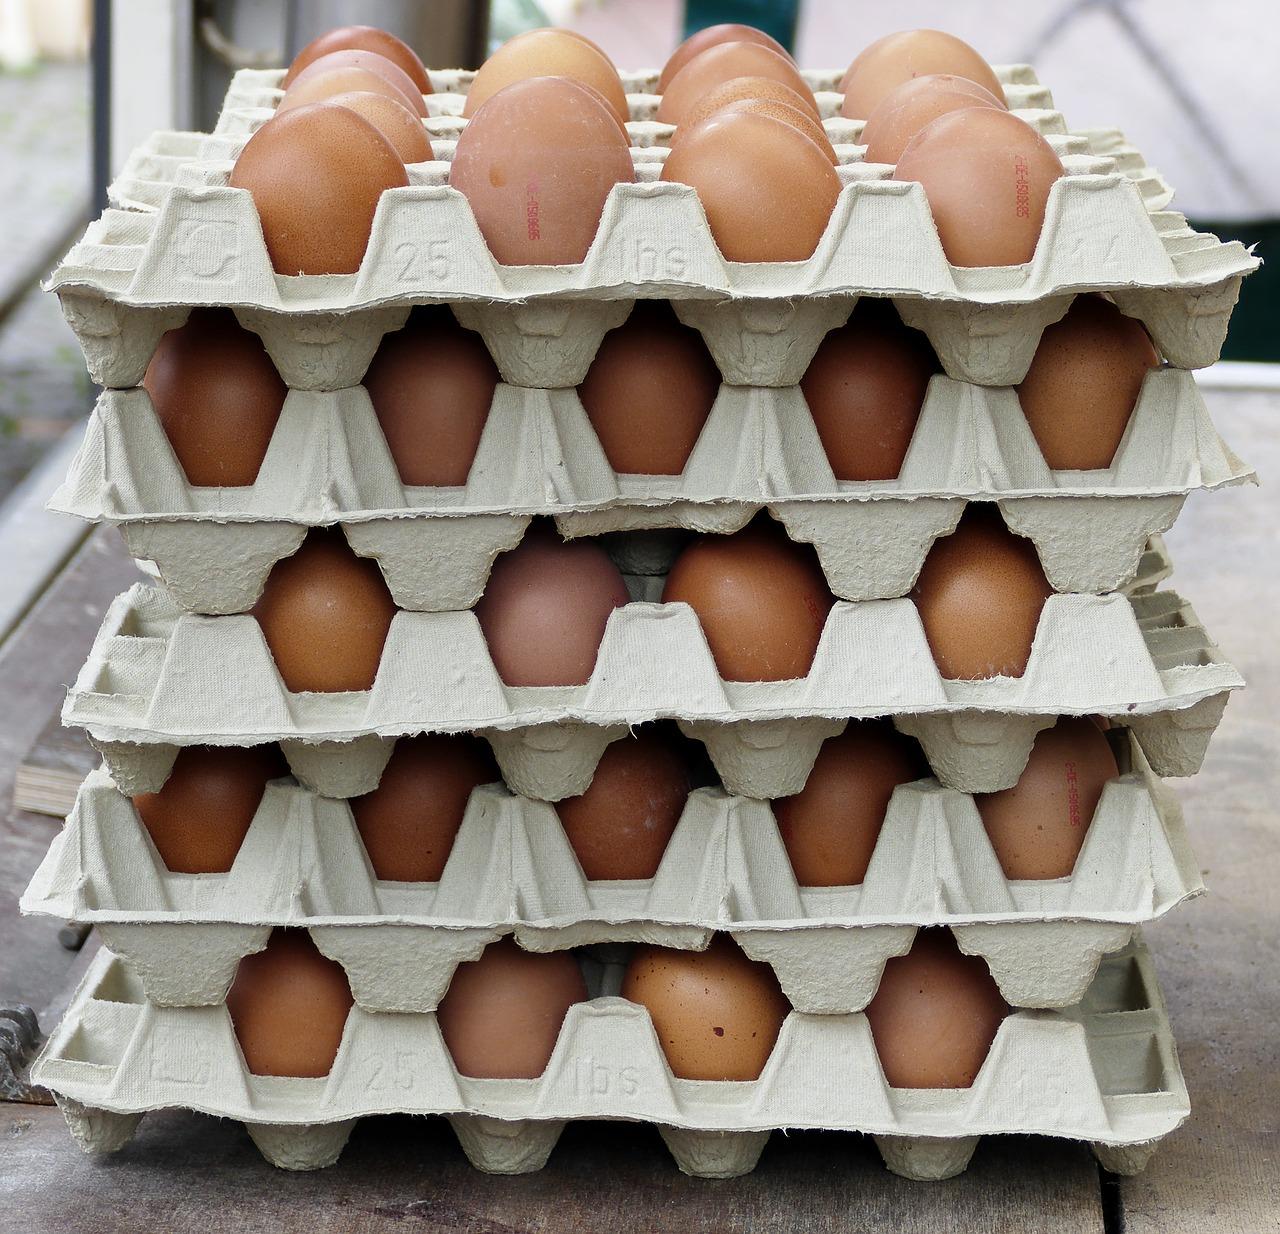 Brown Eggs Stacked.jpg